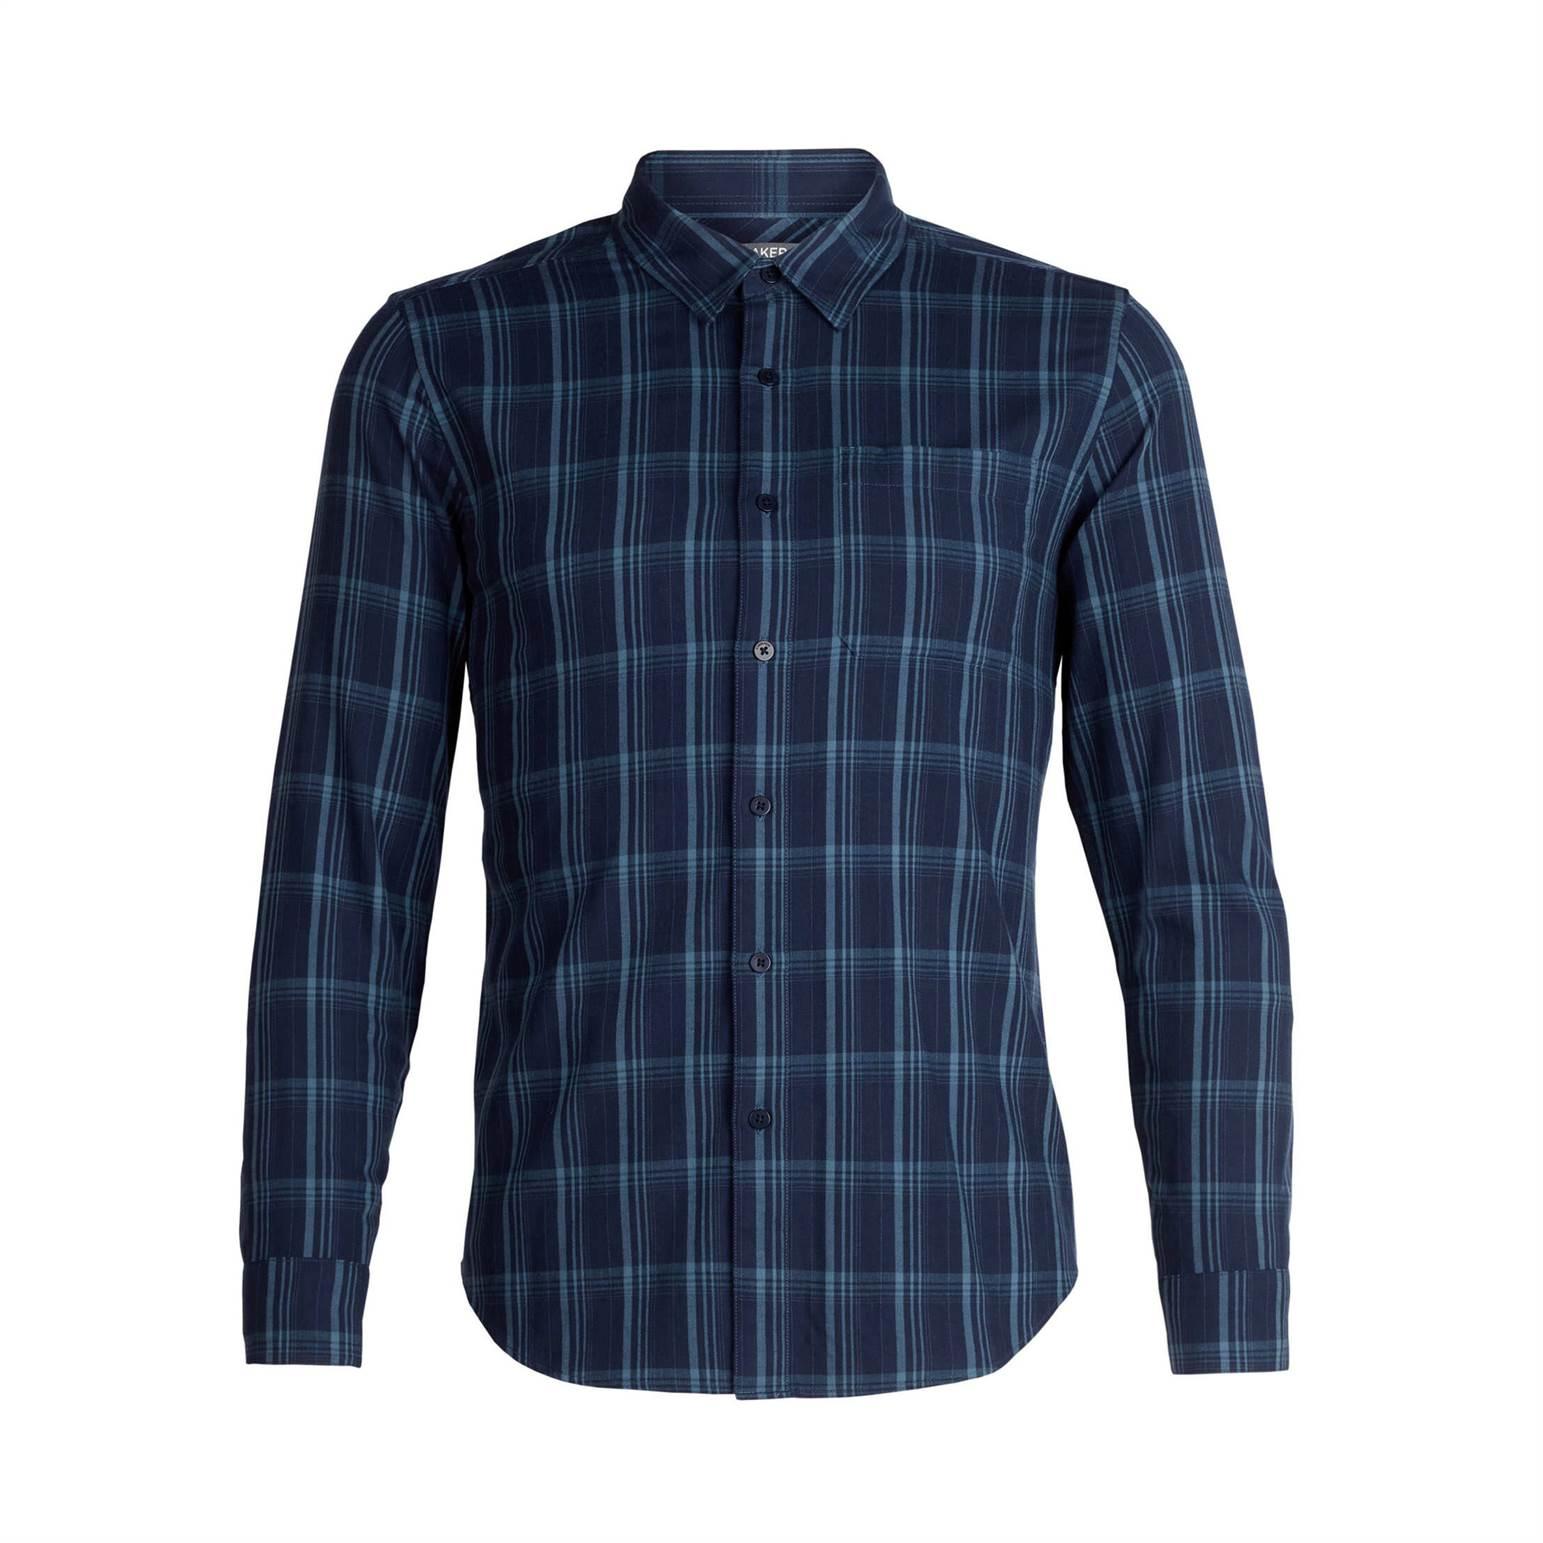 Compass Flannel Shirt Long Sleeve - Men's